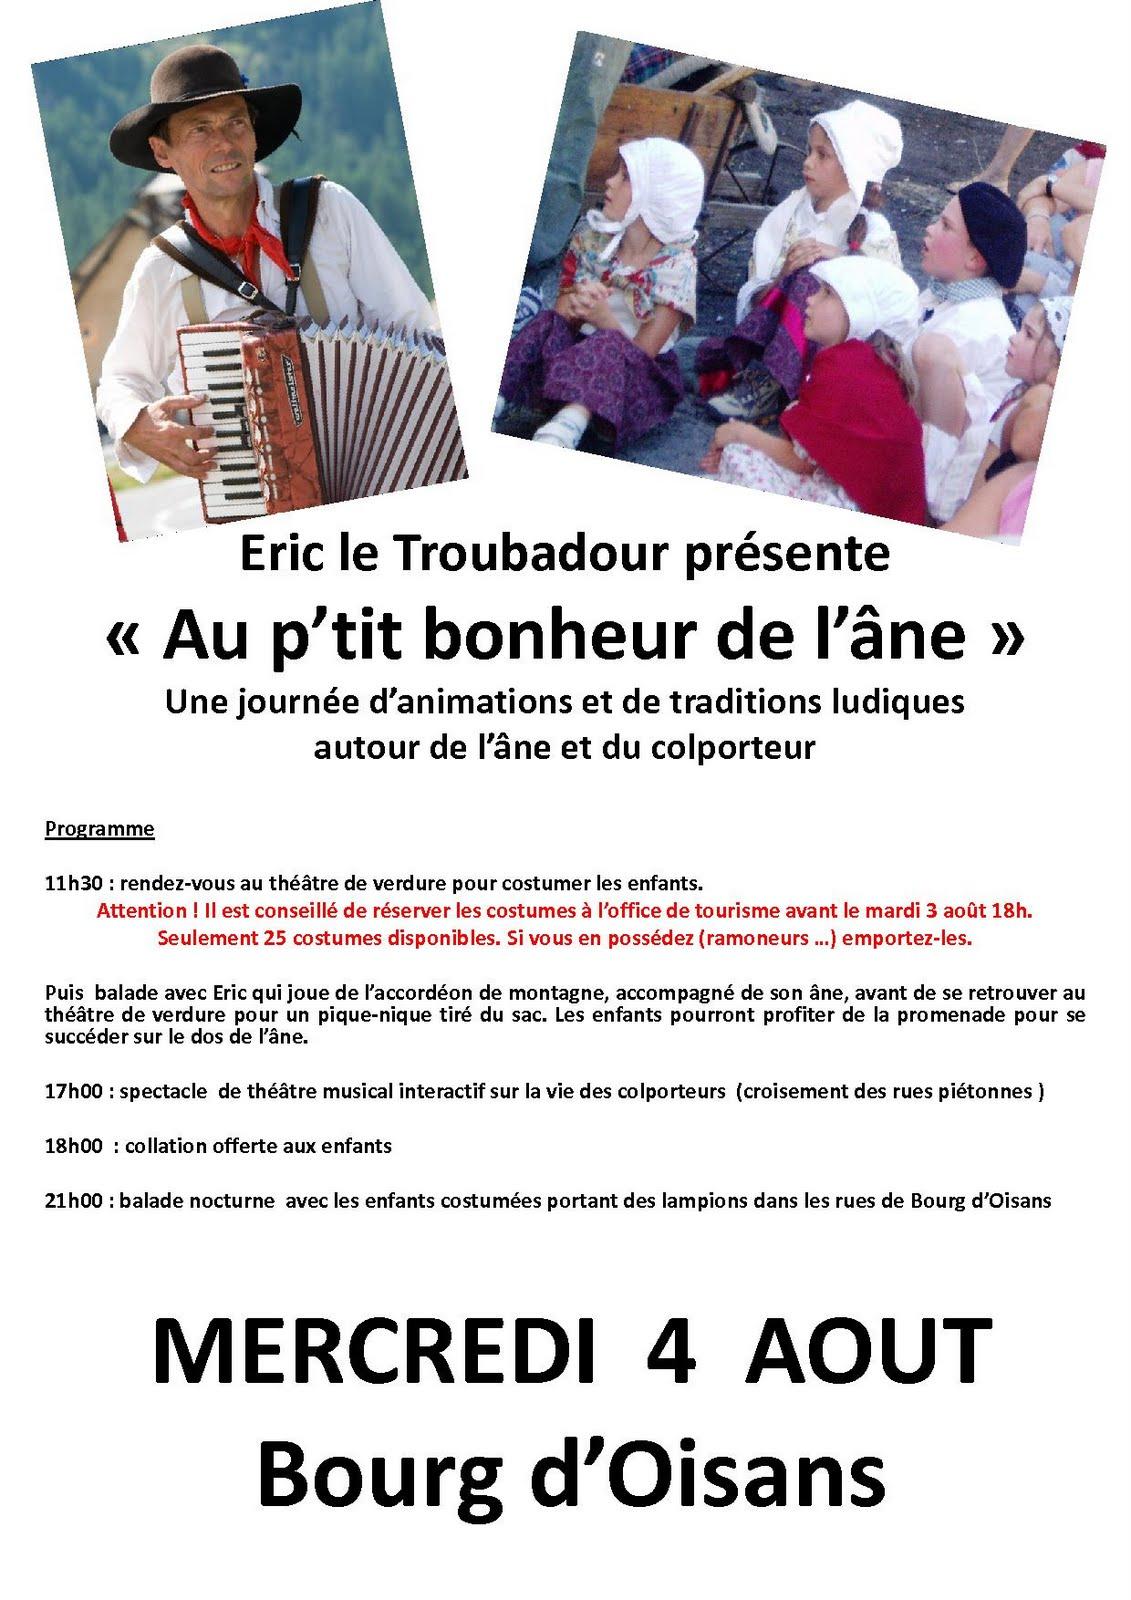 News de l 39 office de tourisme bourg d 39 oisans journ e enfants - Bourg d oisans office tourisme ...